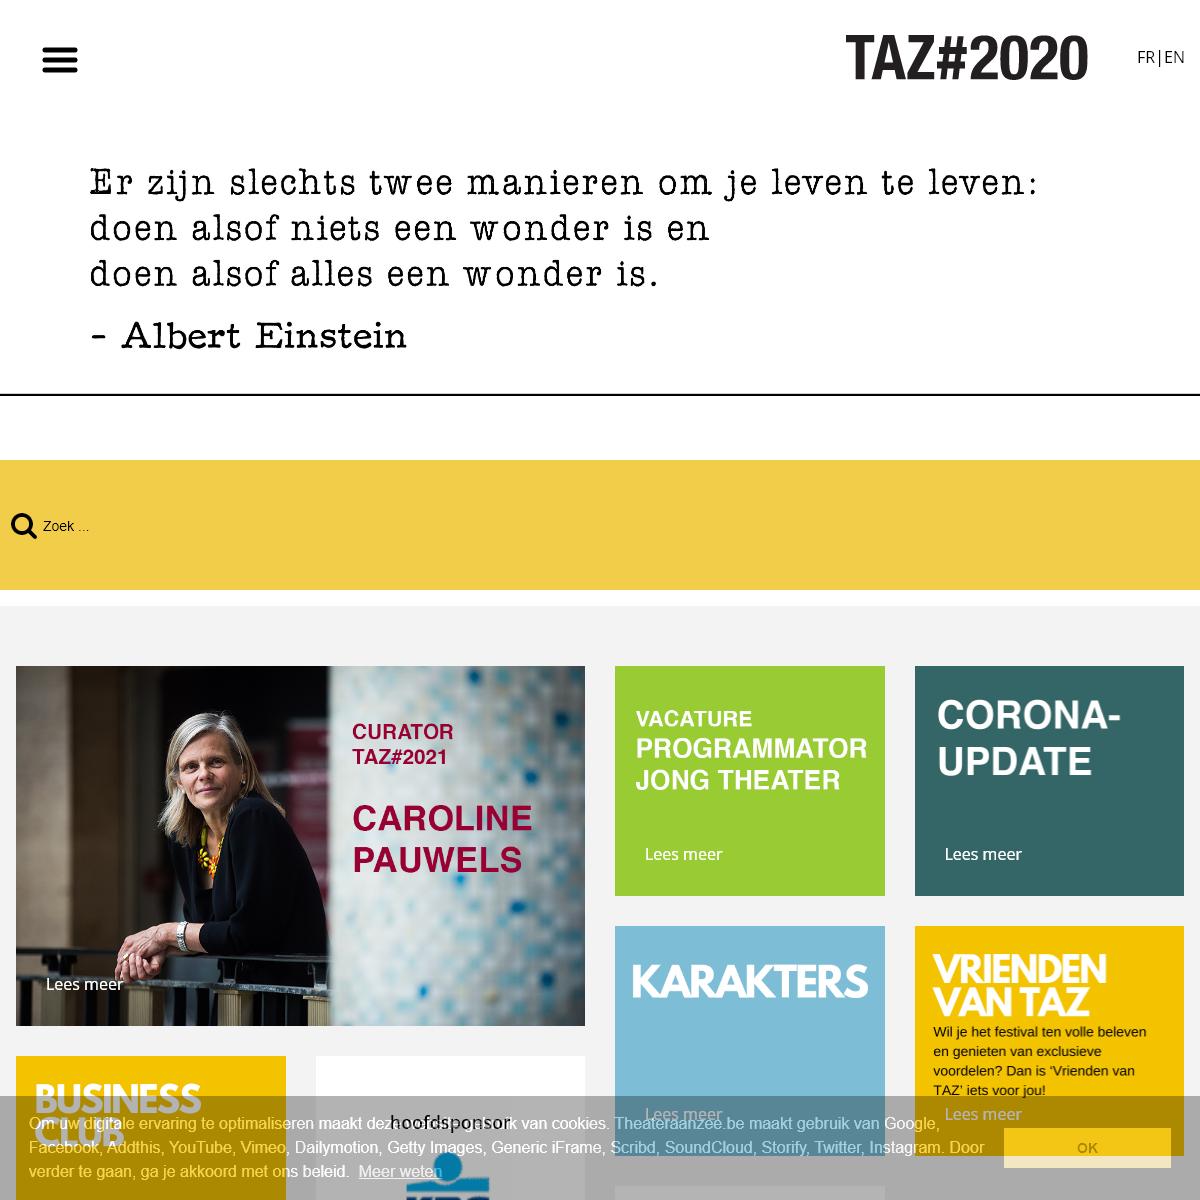 TAZ#2020